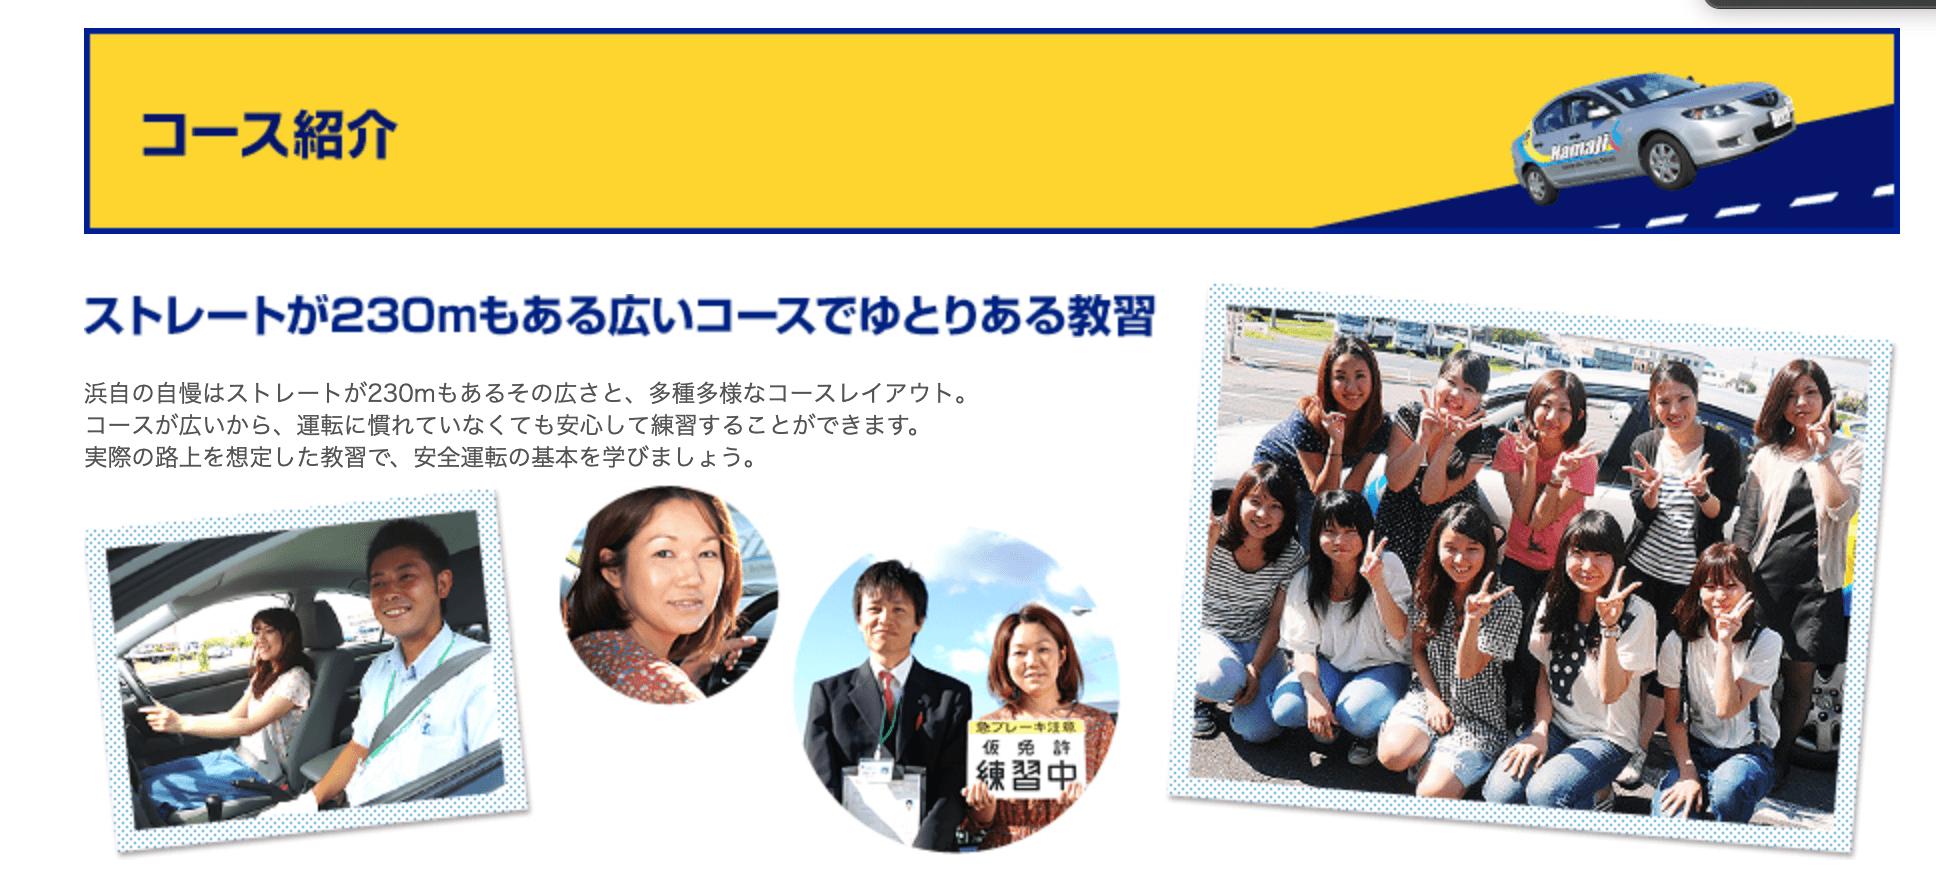 浜松自動車学校 コース